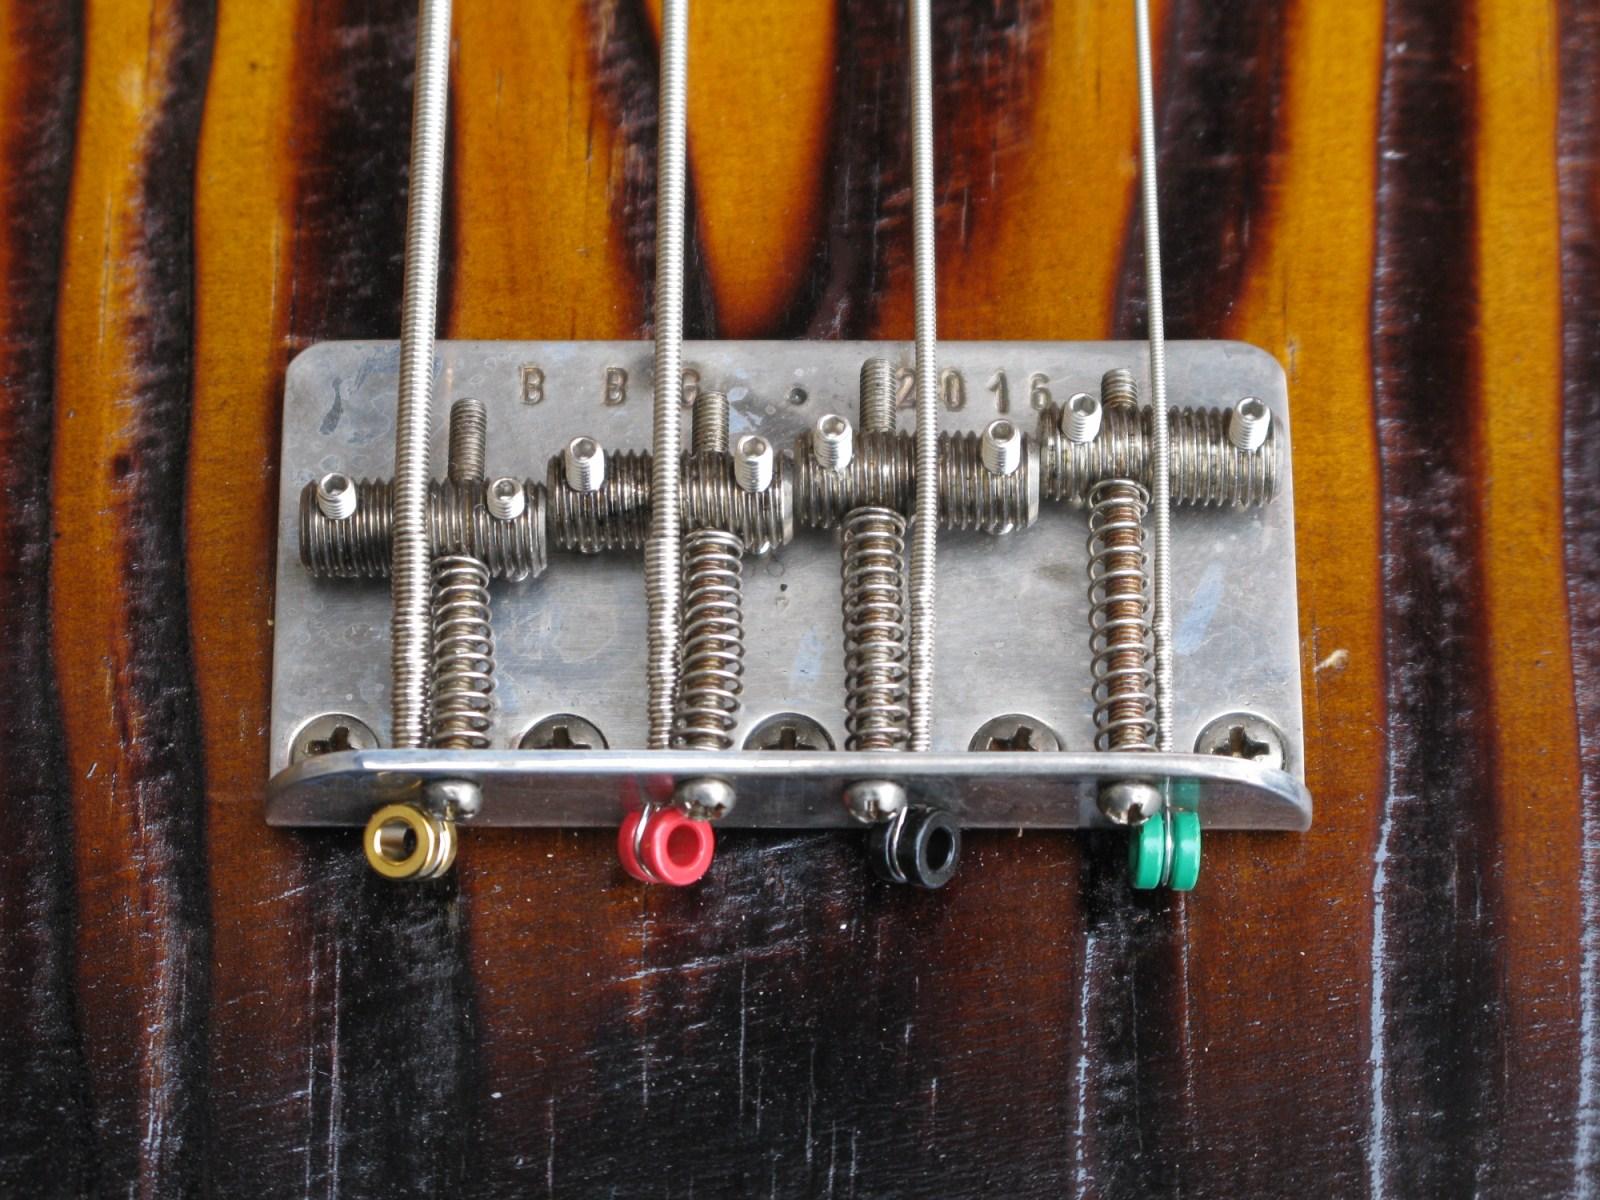 ponte precision bass